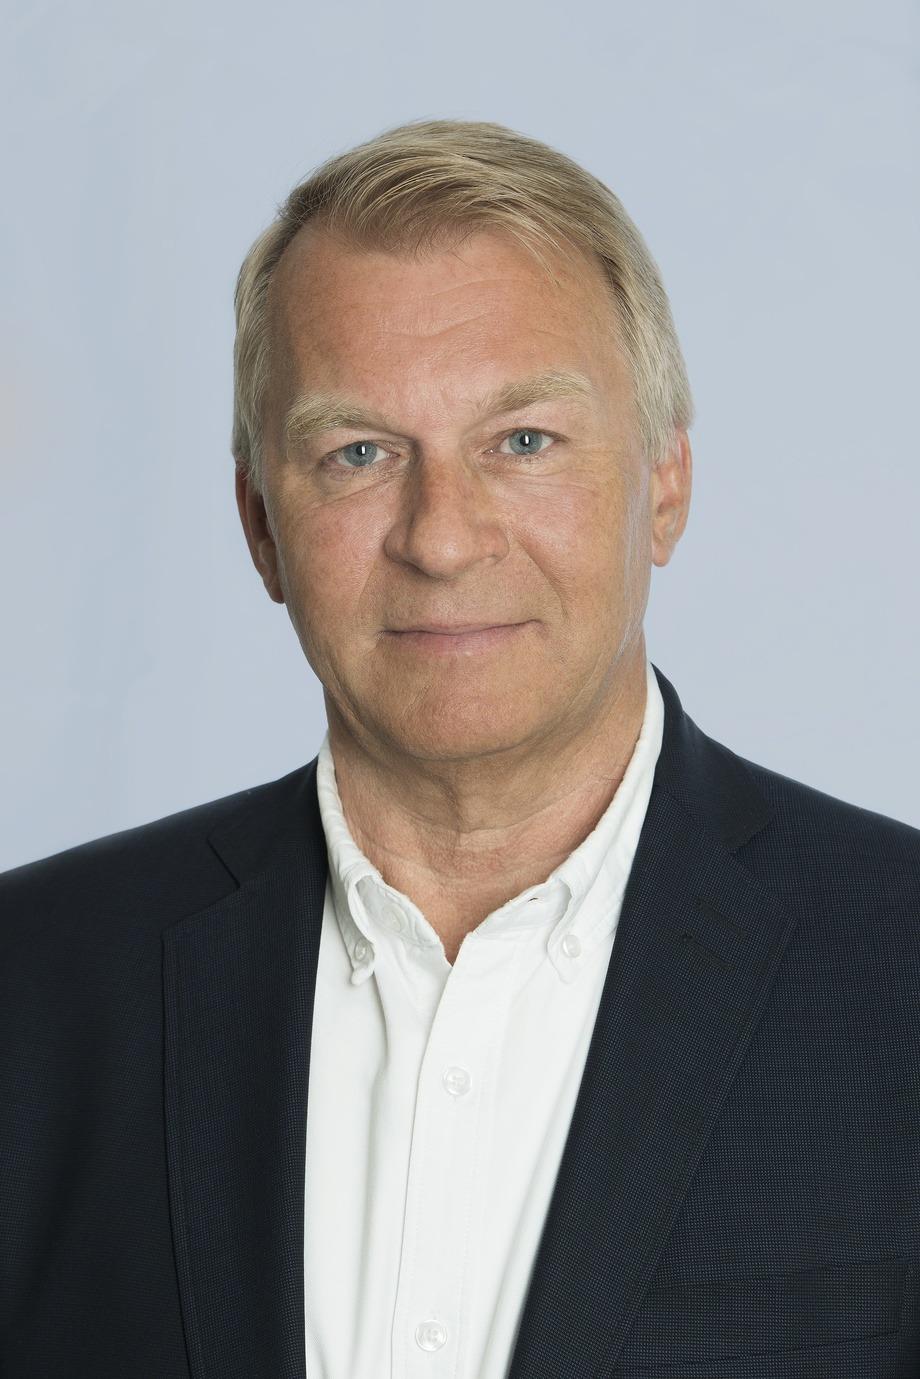 Endre Eidsvik går fra Norsafe til Zinus. Foto: Norsafe